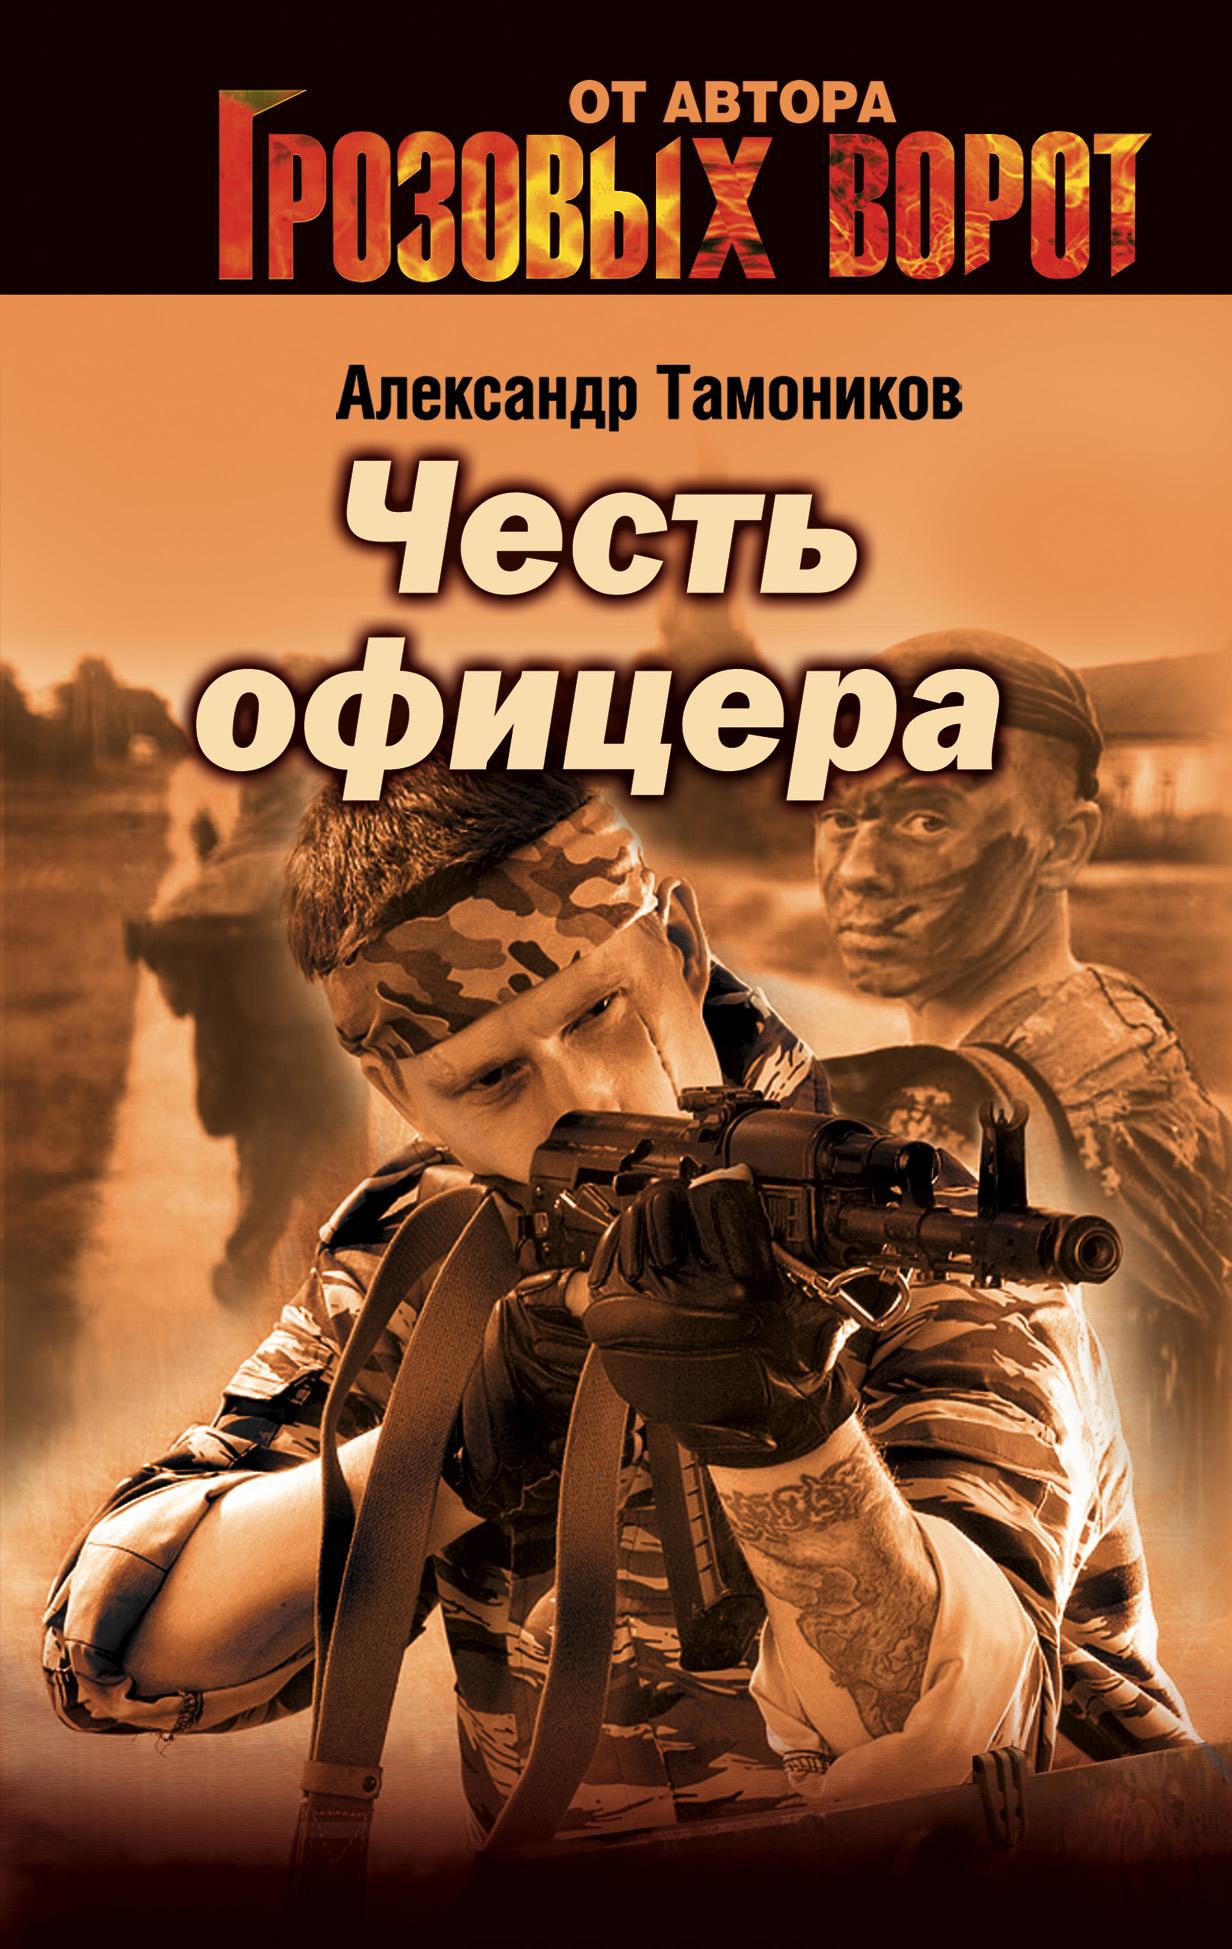 Александр Тамоников Честь офицера видеофильмы смотреть бесплатно боевики